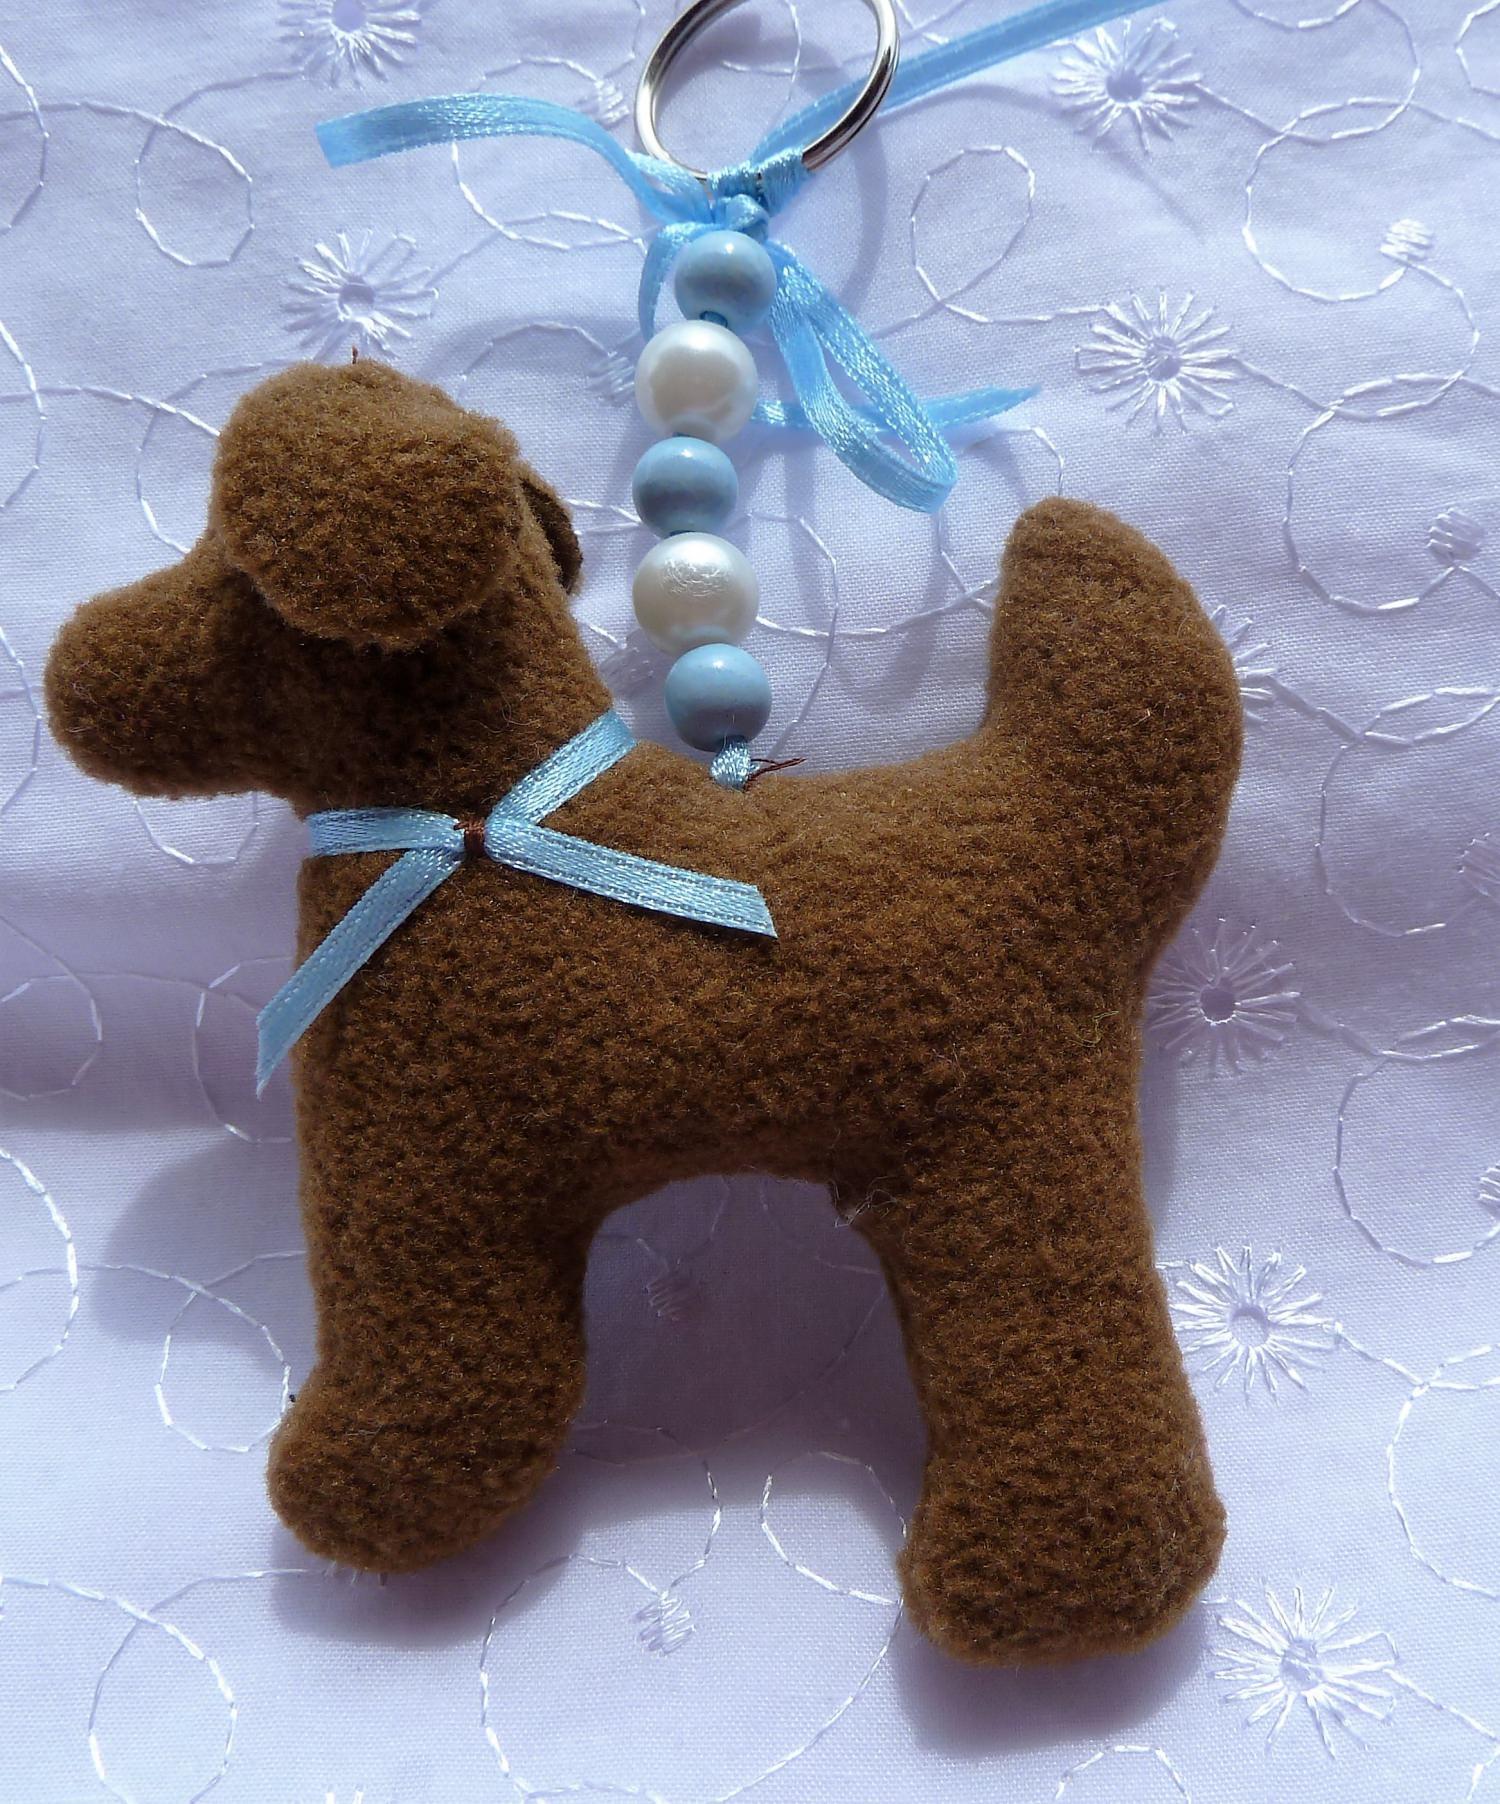 - Taschenbaumler Hund - Taschenbaumler Hund